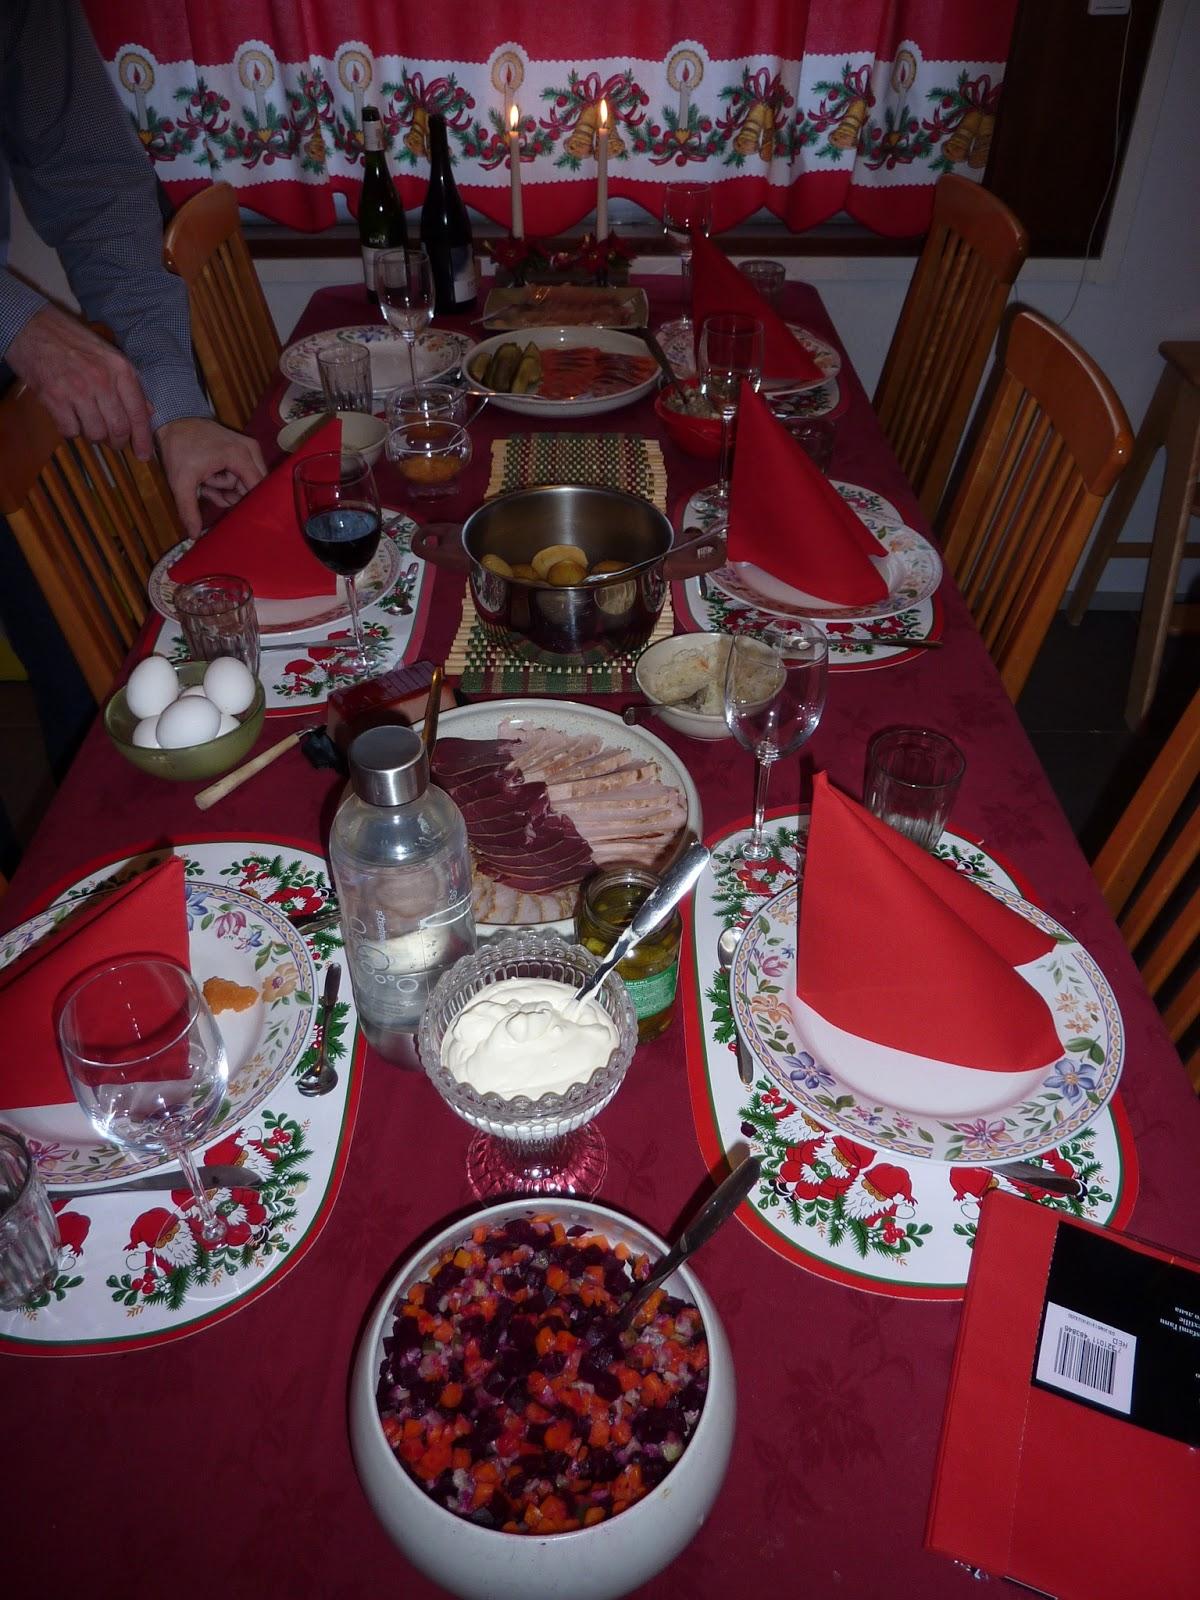 Weihnachtsessen Finnland.Auf Nach Finnland 2012 13 Weihnachten Christmas